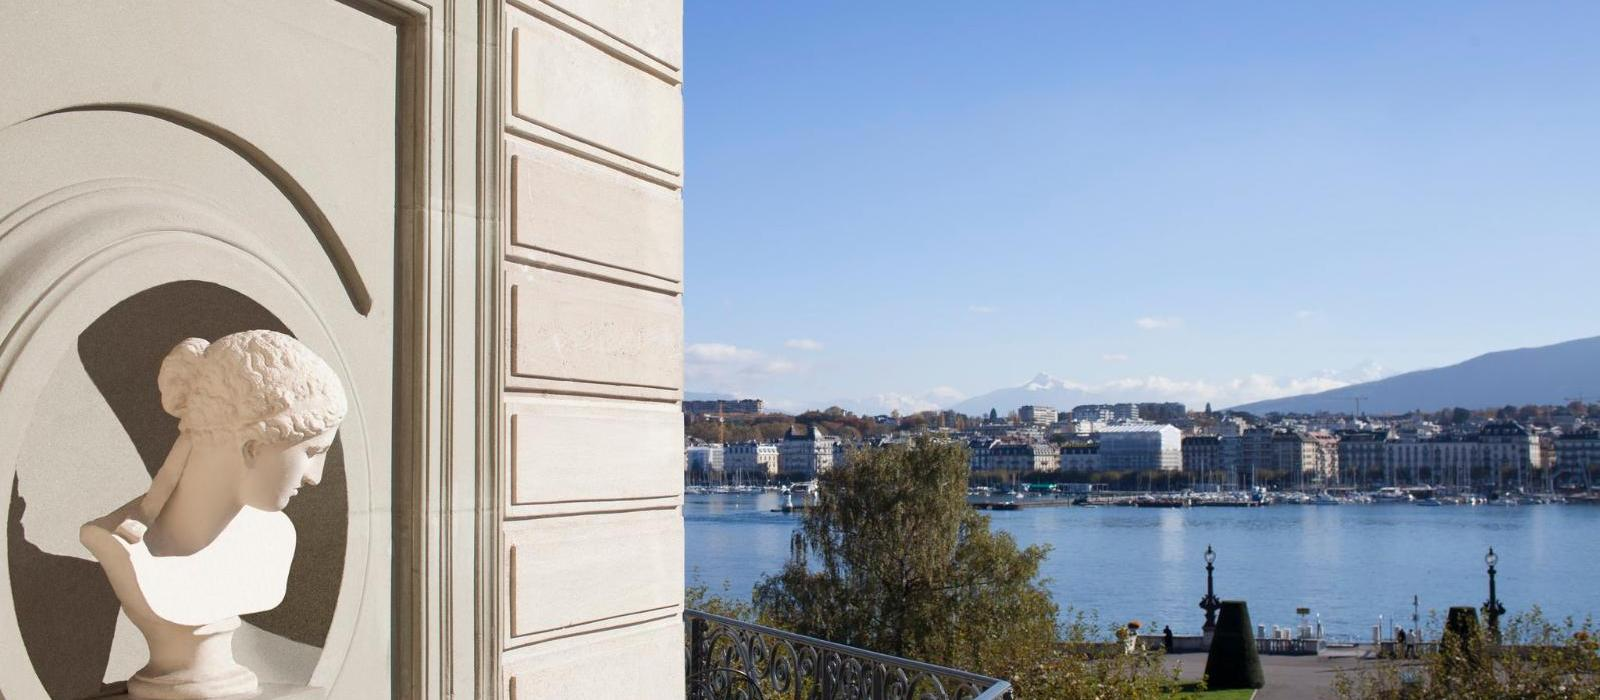 日内瓦宝丽湖景酒店(Beau-Rivage, Geneve) 图片  www.lhw.cn